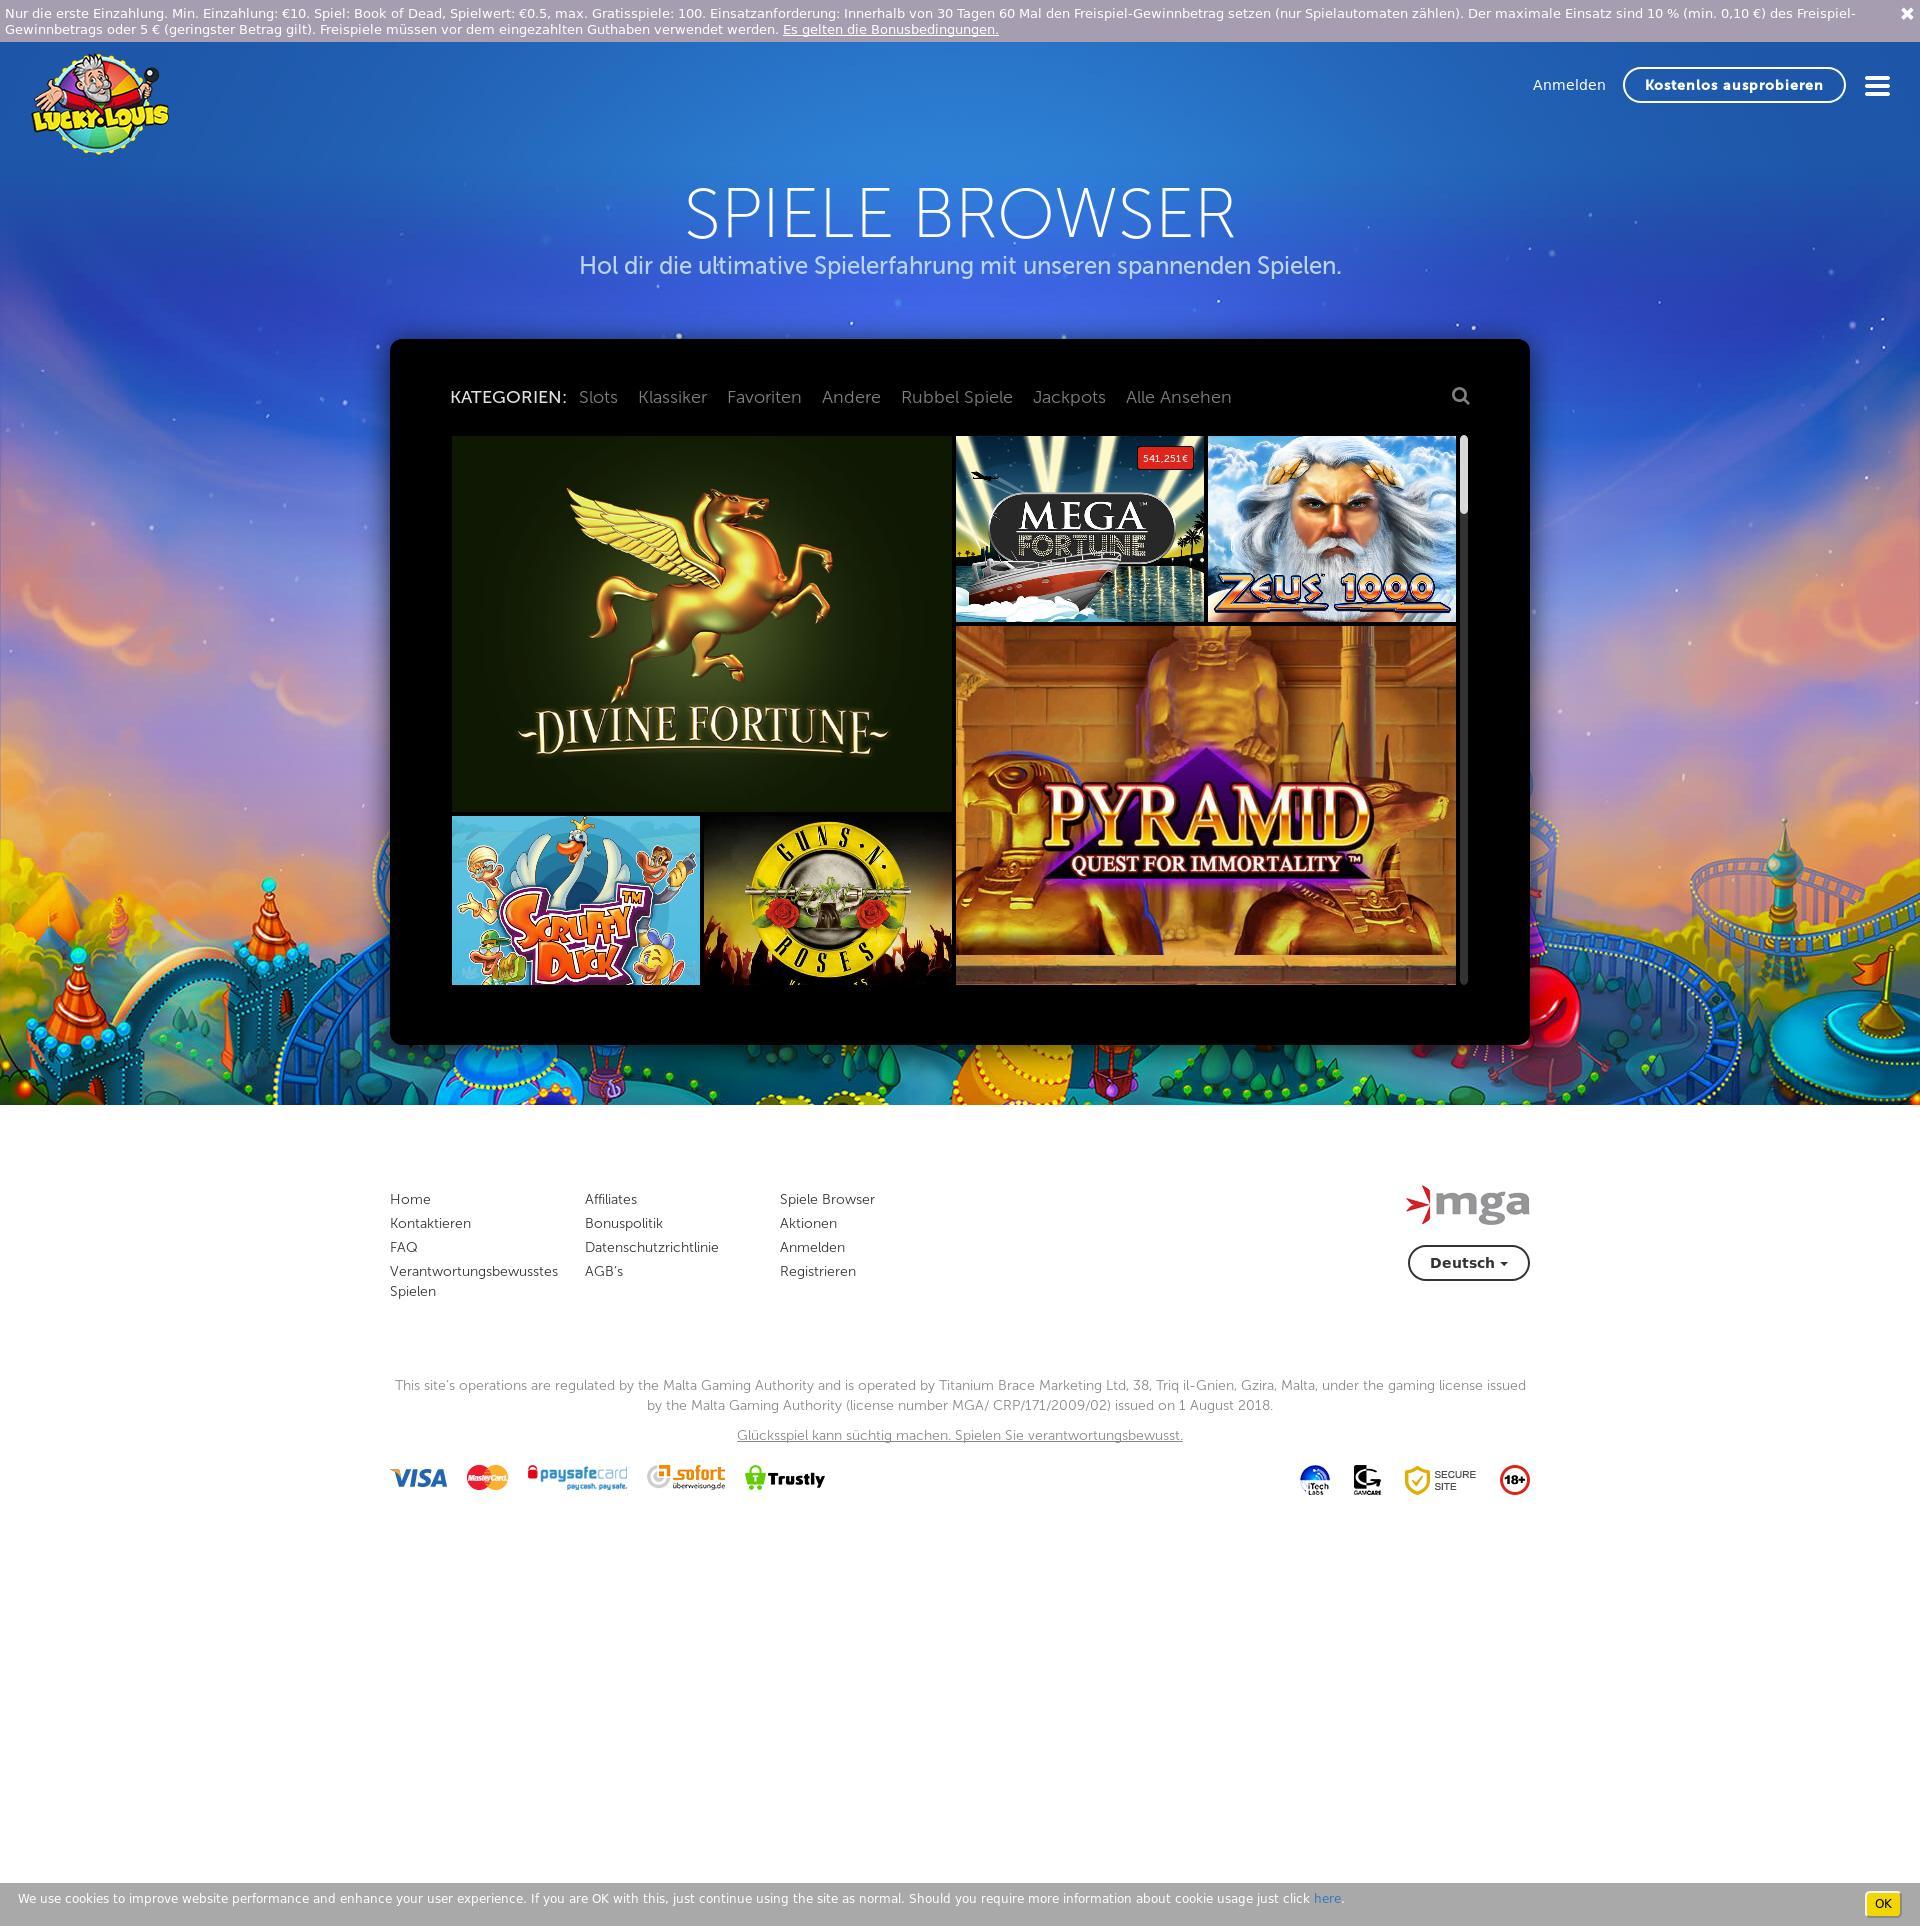 Casino Bildschirm Lobby 2019-12-09 zum Deutschland